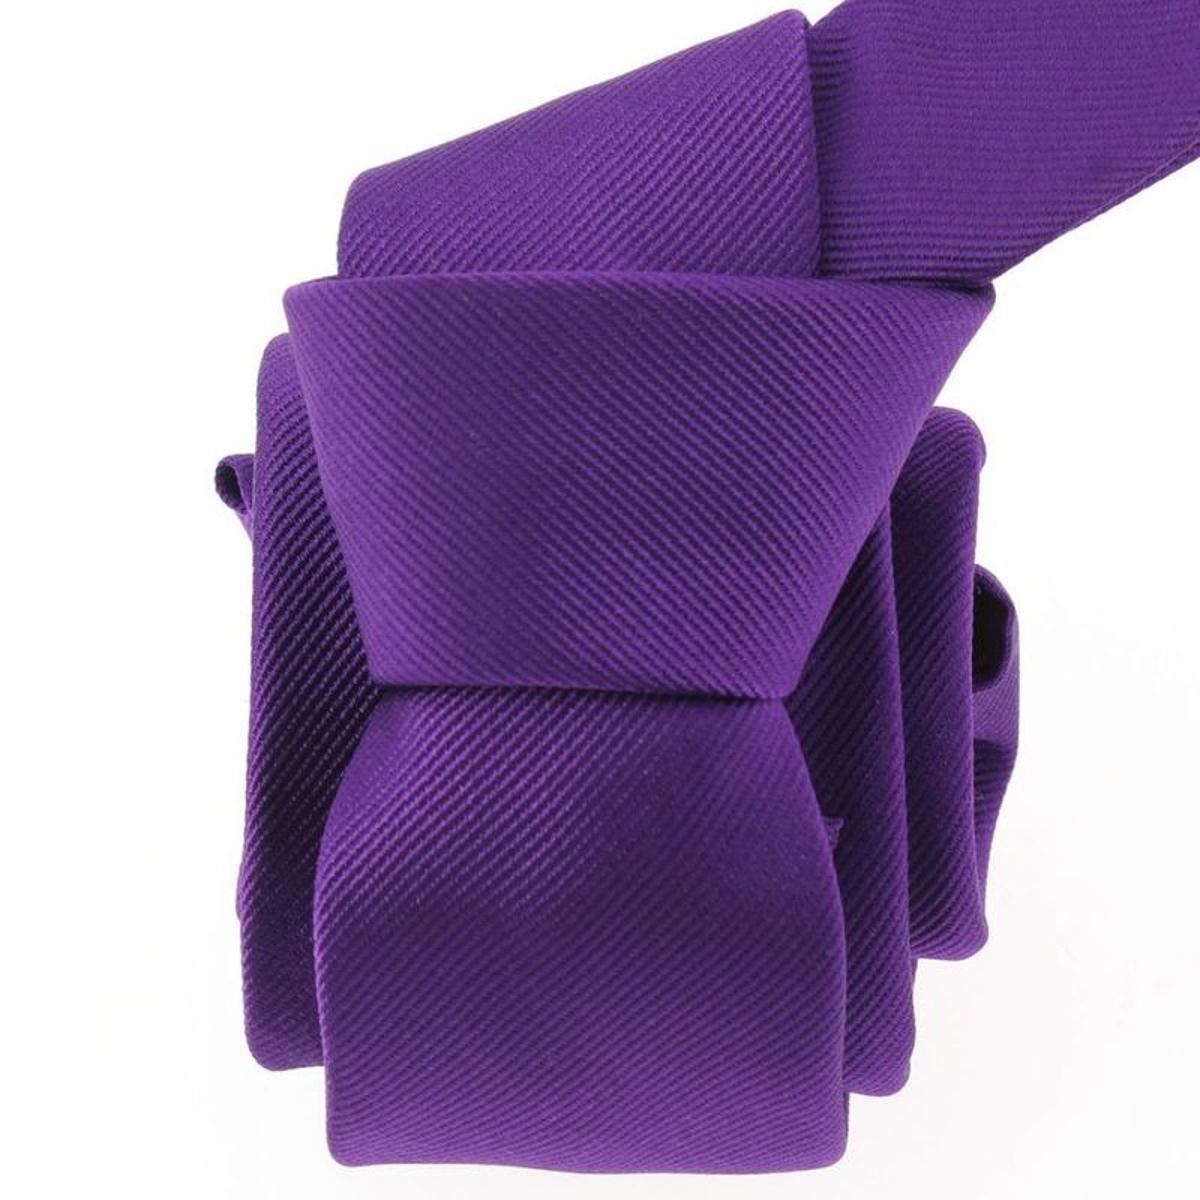 Cravate soie classique paul